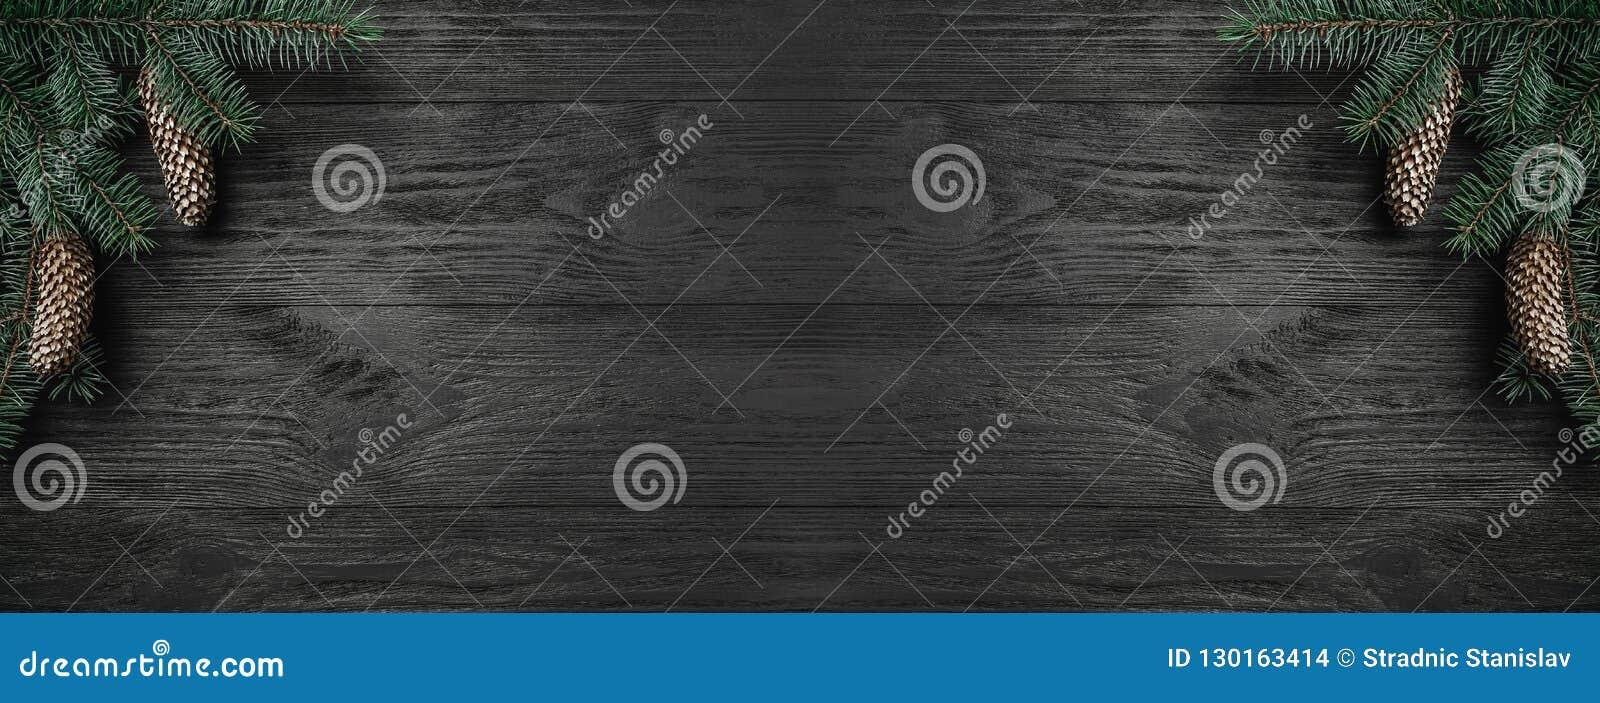 Klaus santa för frost för påsekortjul sky Svart träbakgrund, med ocreanga och grankottar i hörnet, bästa sikt Xmas-rektangellyckö